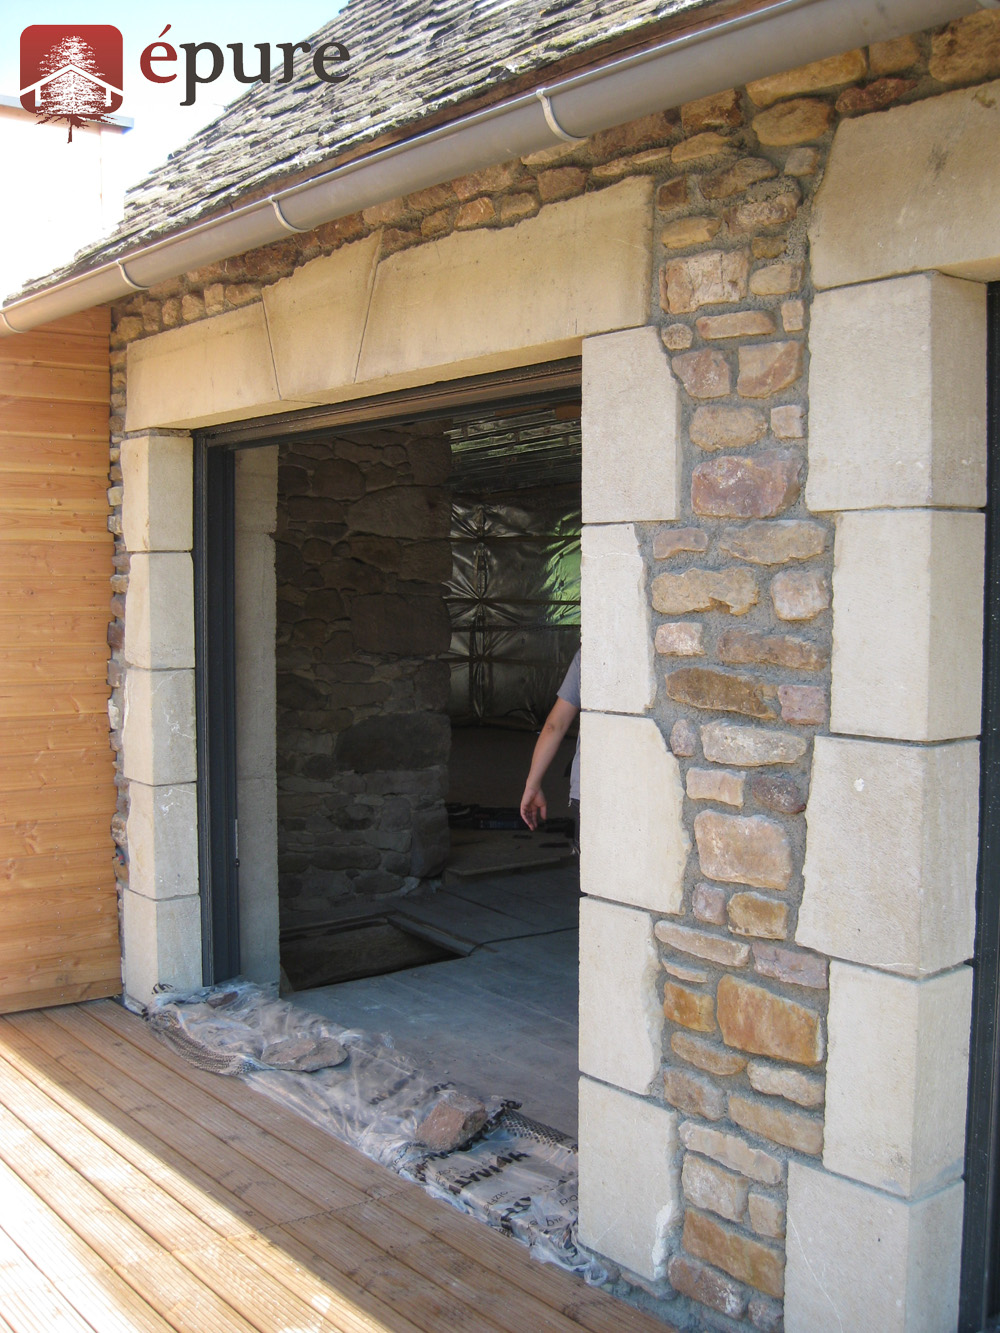 Constructeur Maison Bois Aveyron - Constructeur Maison Bois Aveyron u2013 Maison Moderne